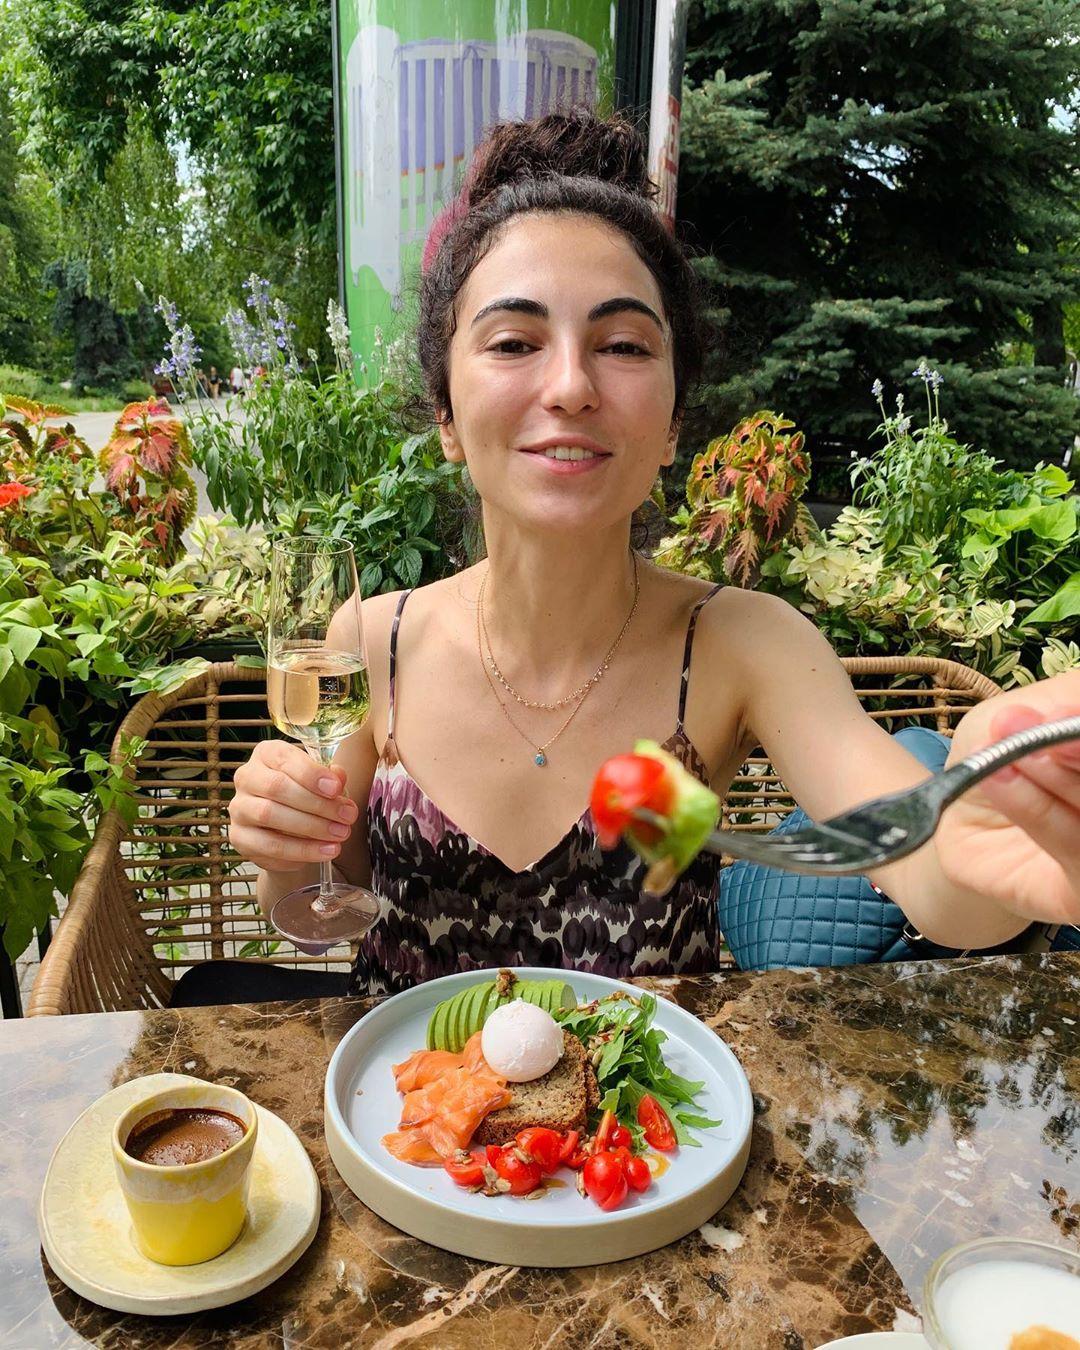 Майя Луткова: биография блогерши и автора YouTube канала «Я Дома!»